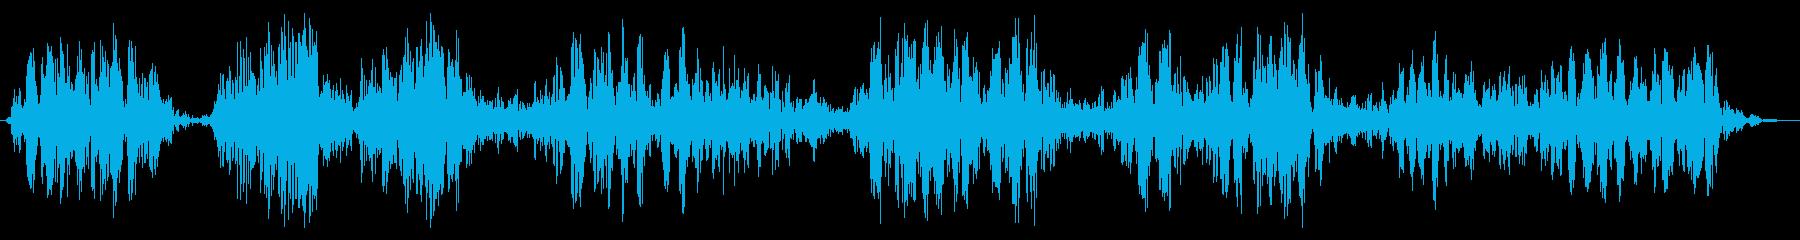 スライムなどが蠢く音タイプC#10の再生済みの波形